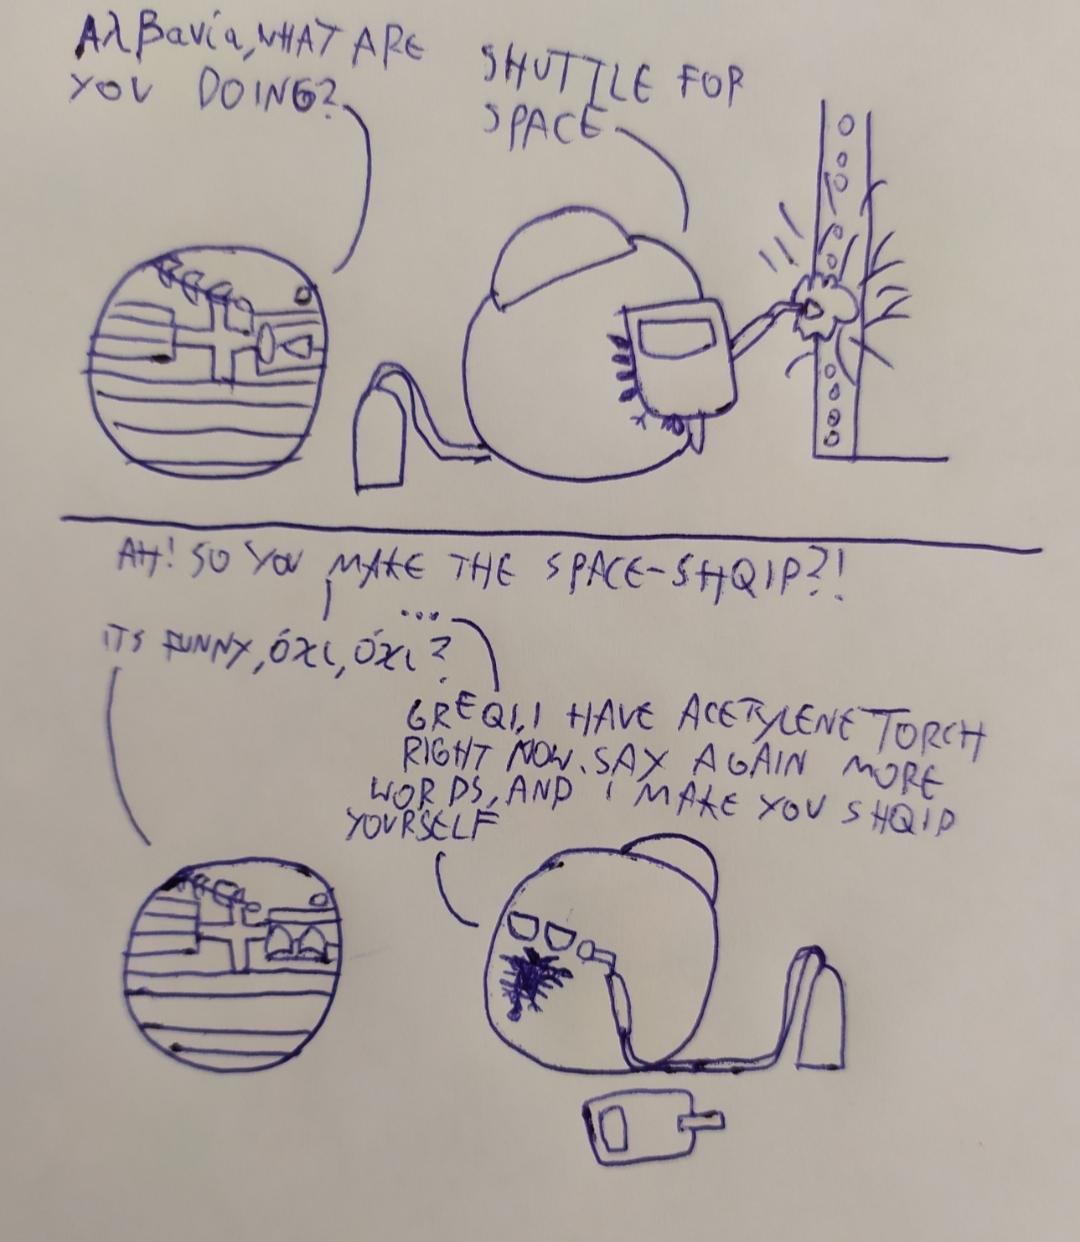 Zdjęcie użytkownika PRLball w temacie Memy i komiksy o Countryballach